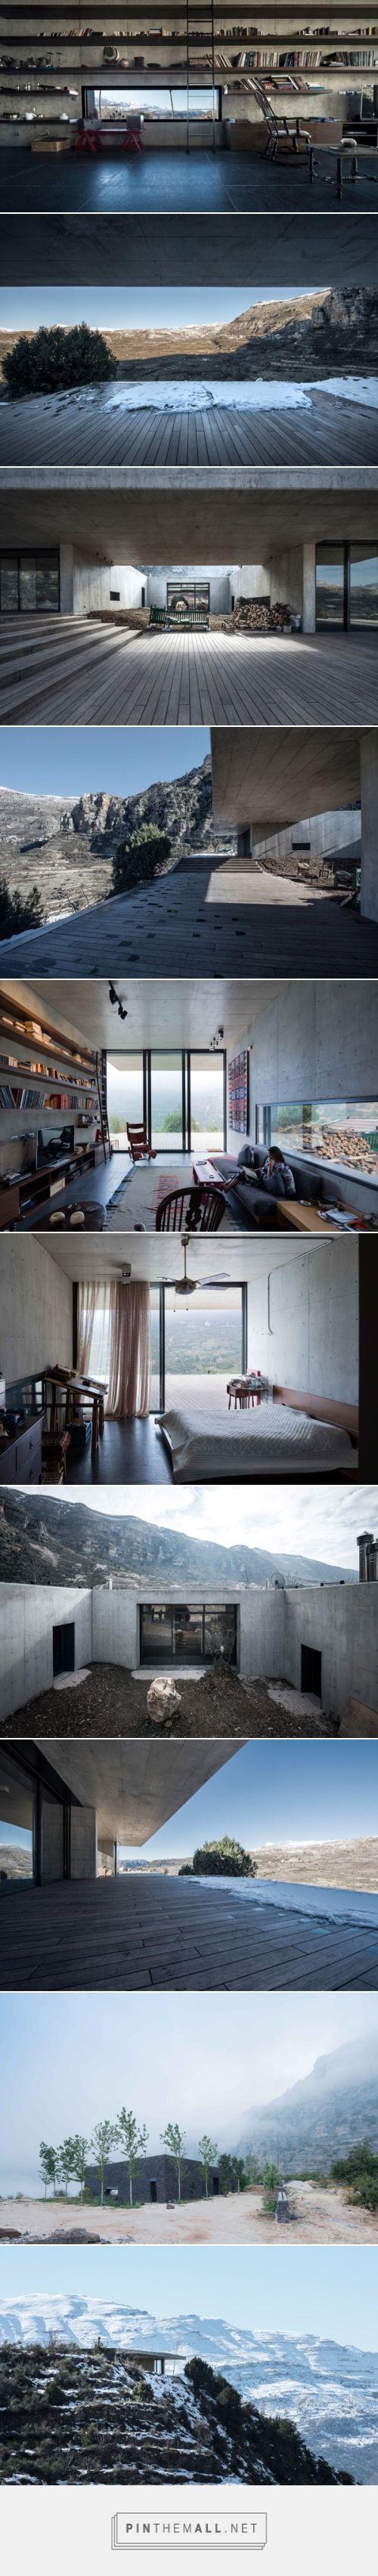 10 besten Gailhoustet Bilder auf Pinterest | Moderne architektur ...